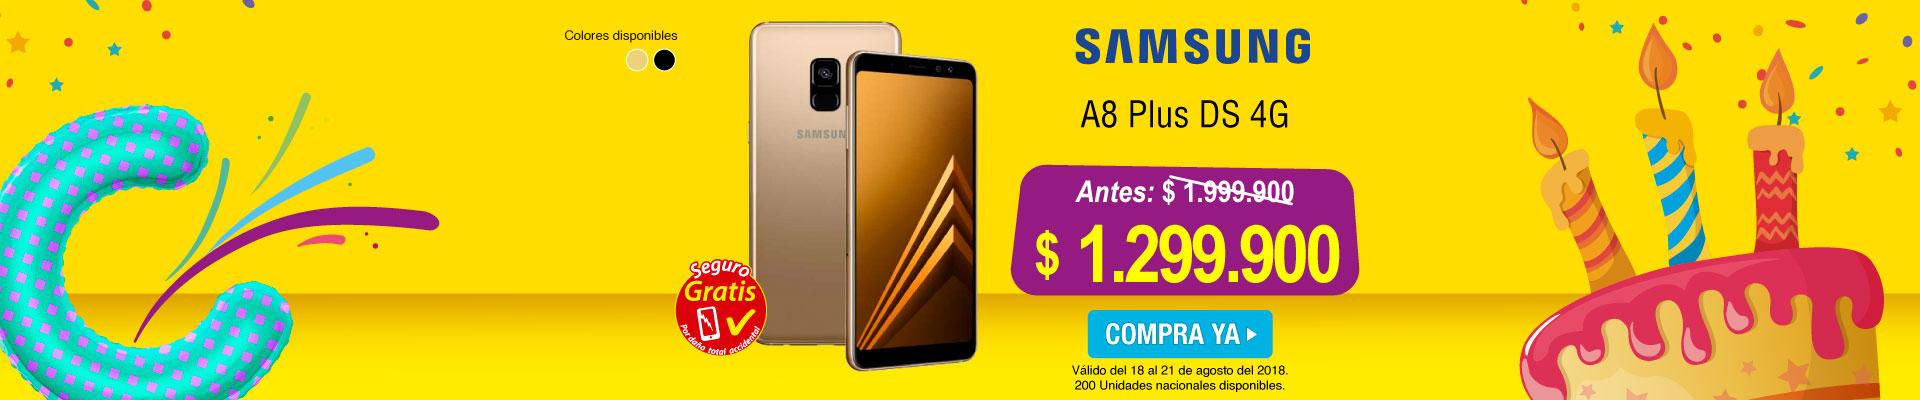 ALKP-PPAL-5-celulares-PP---SAMSUNG-55Q6-Ago18